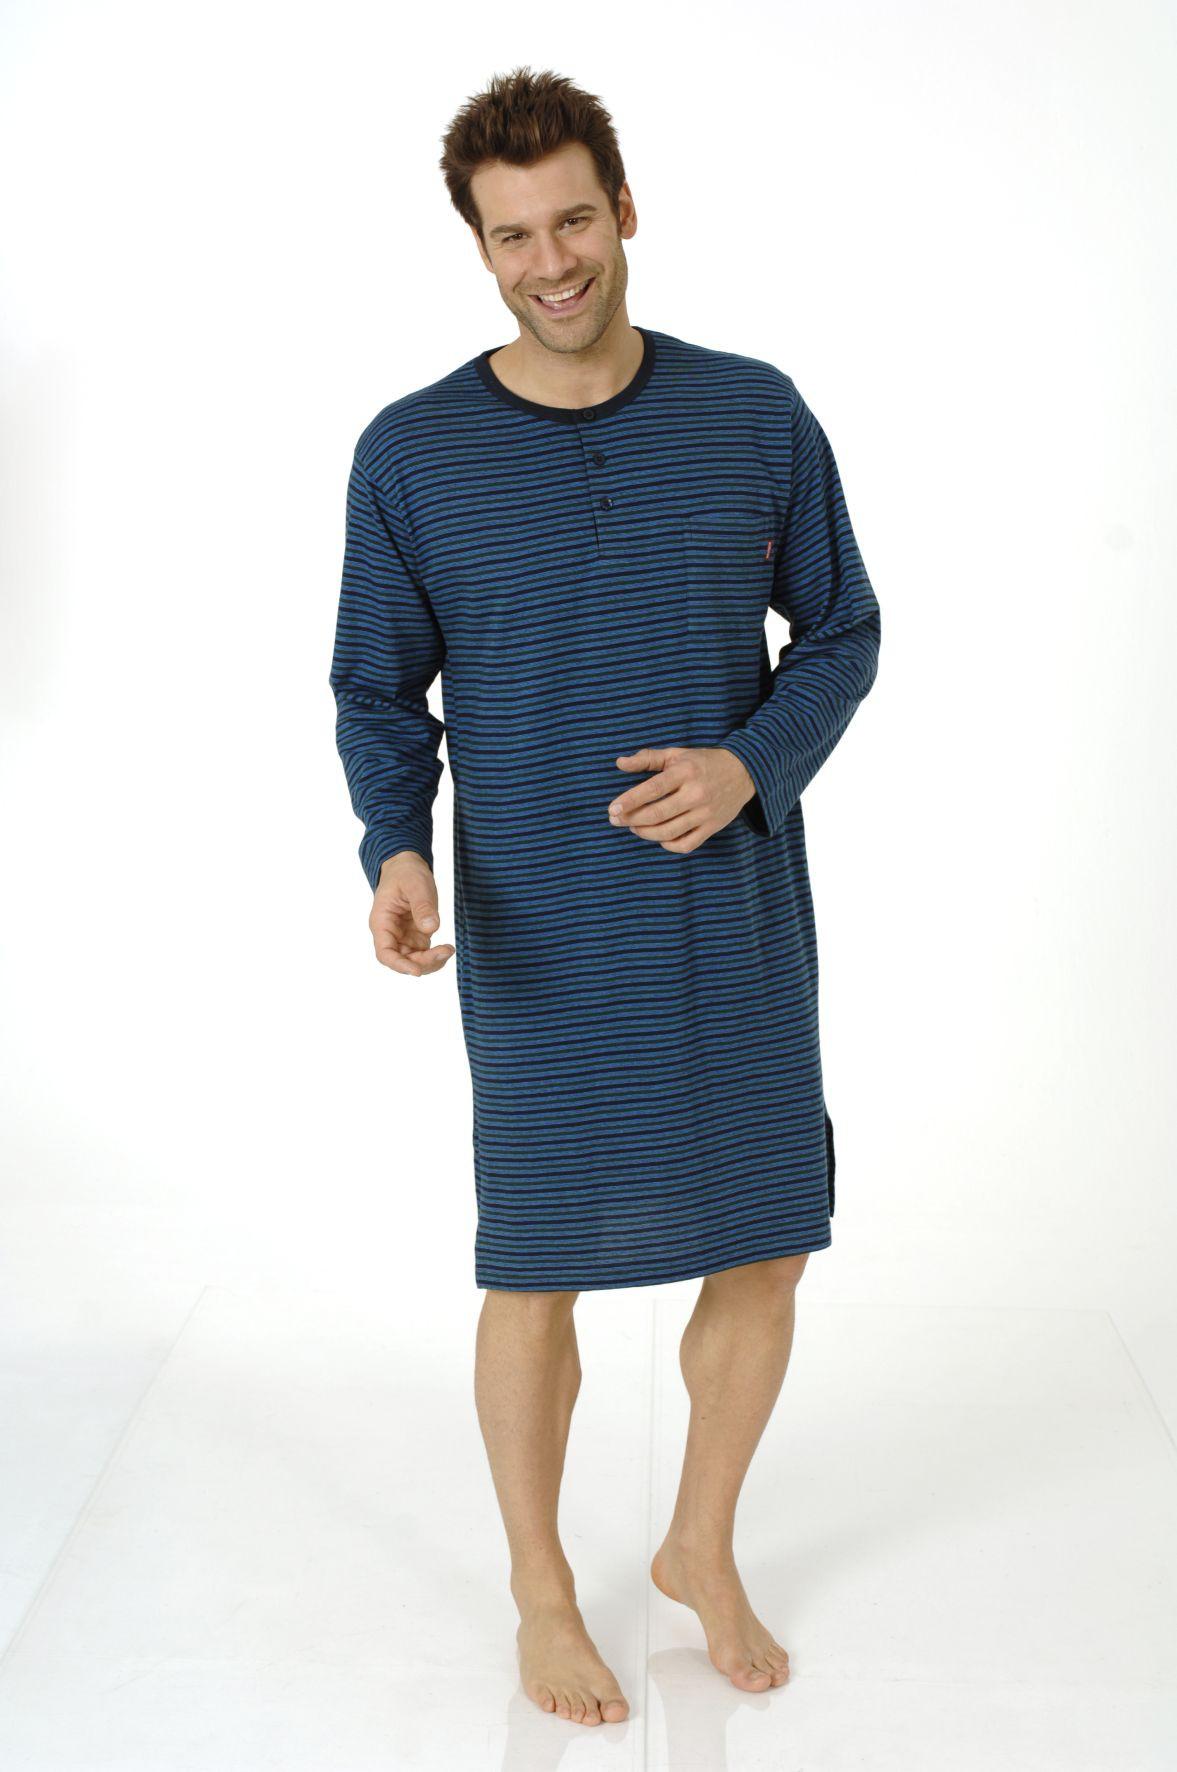 Herren Nachthemd, Single Jersey, geringelt, 110 90 700 001